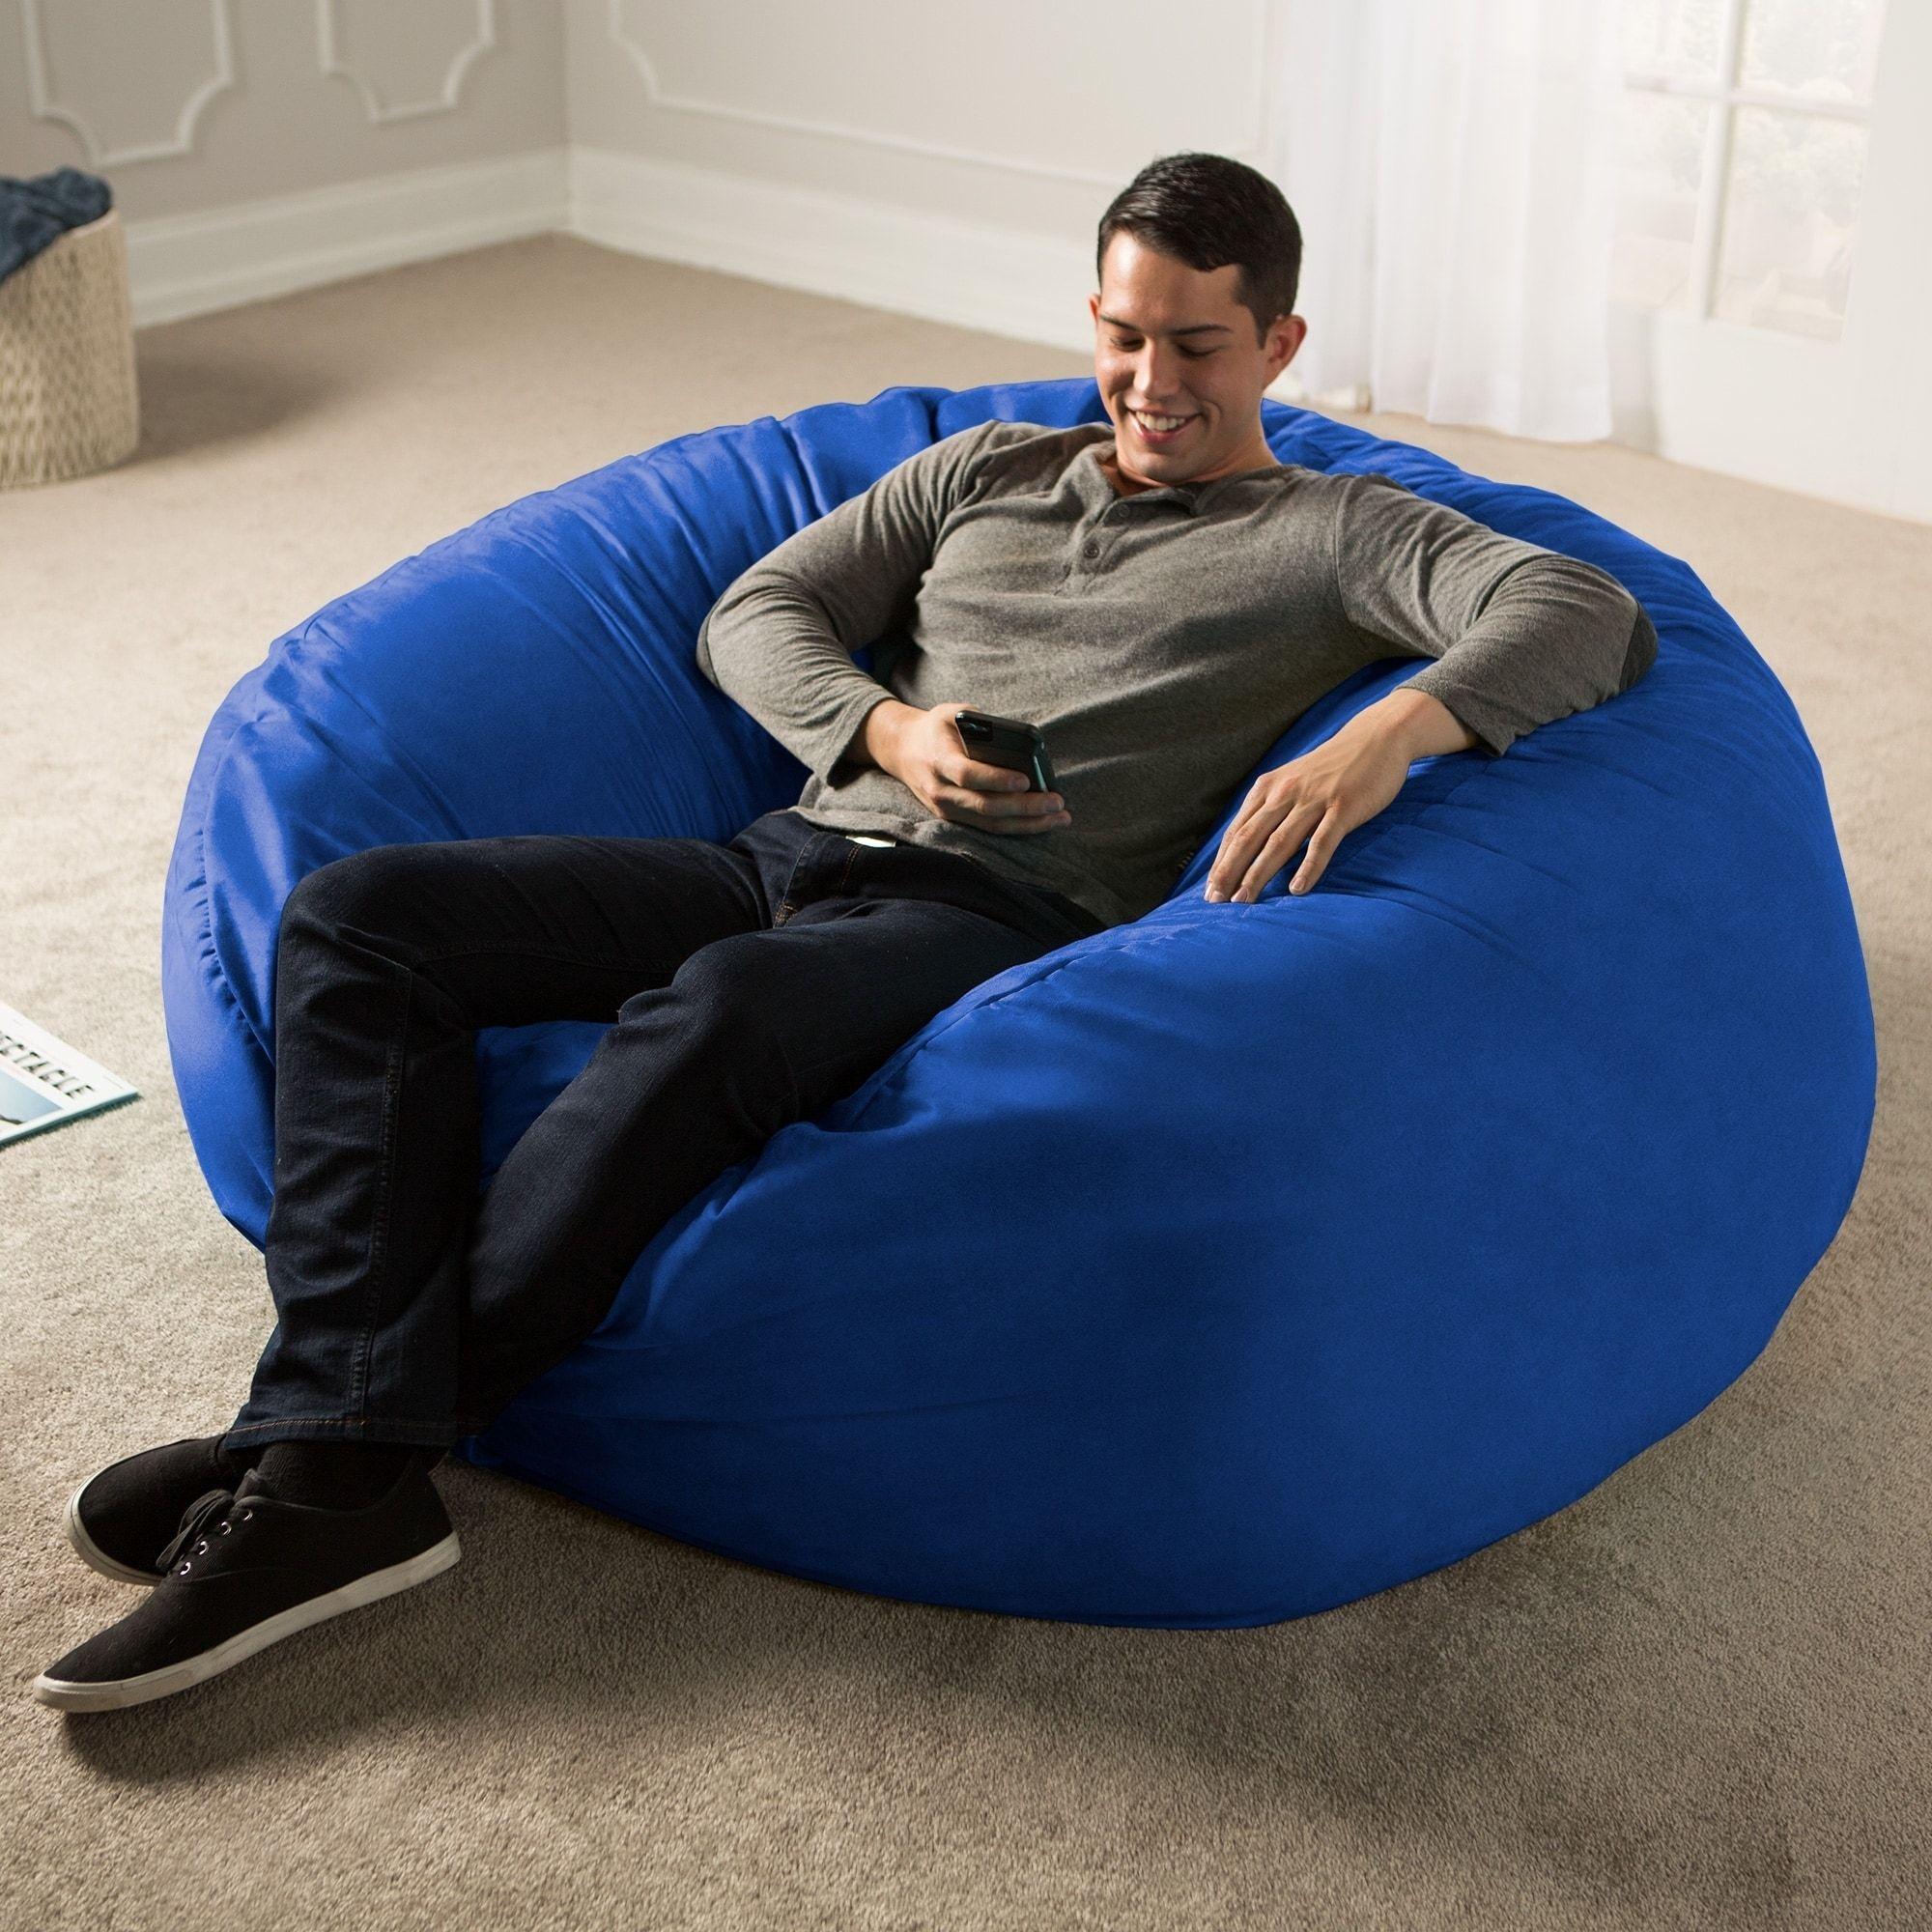 Jaxx 5 Ft Giant Bean Bag Chair Black Jaxx Bean Bags Bean Bag Chair Big Bean Bag Chairs Giant Bean Bag Chair